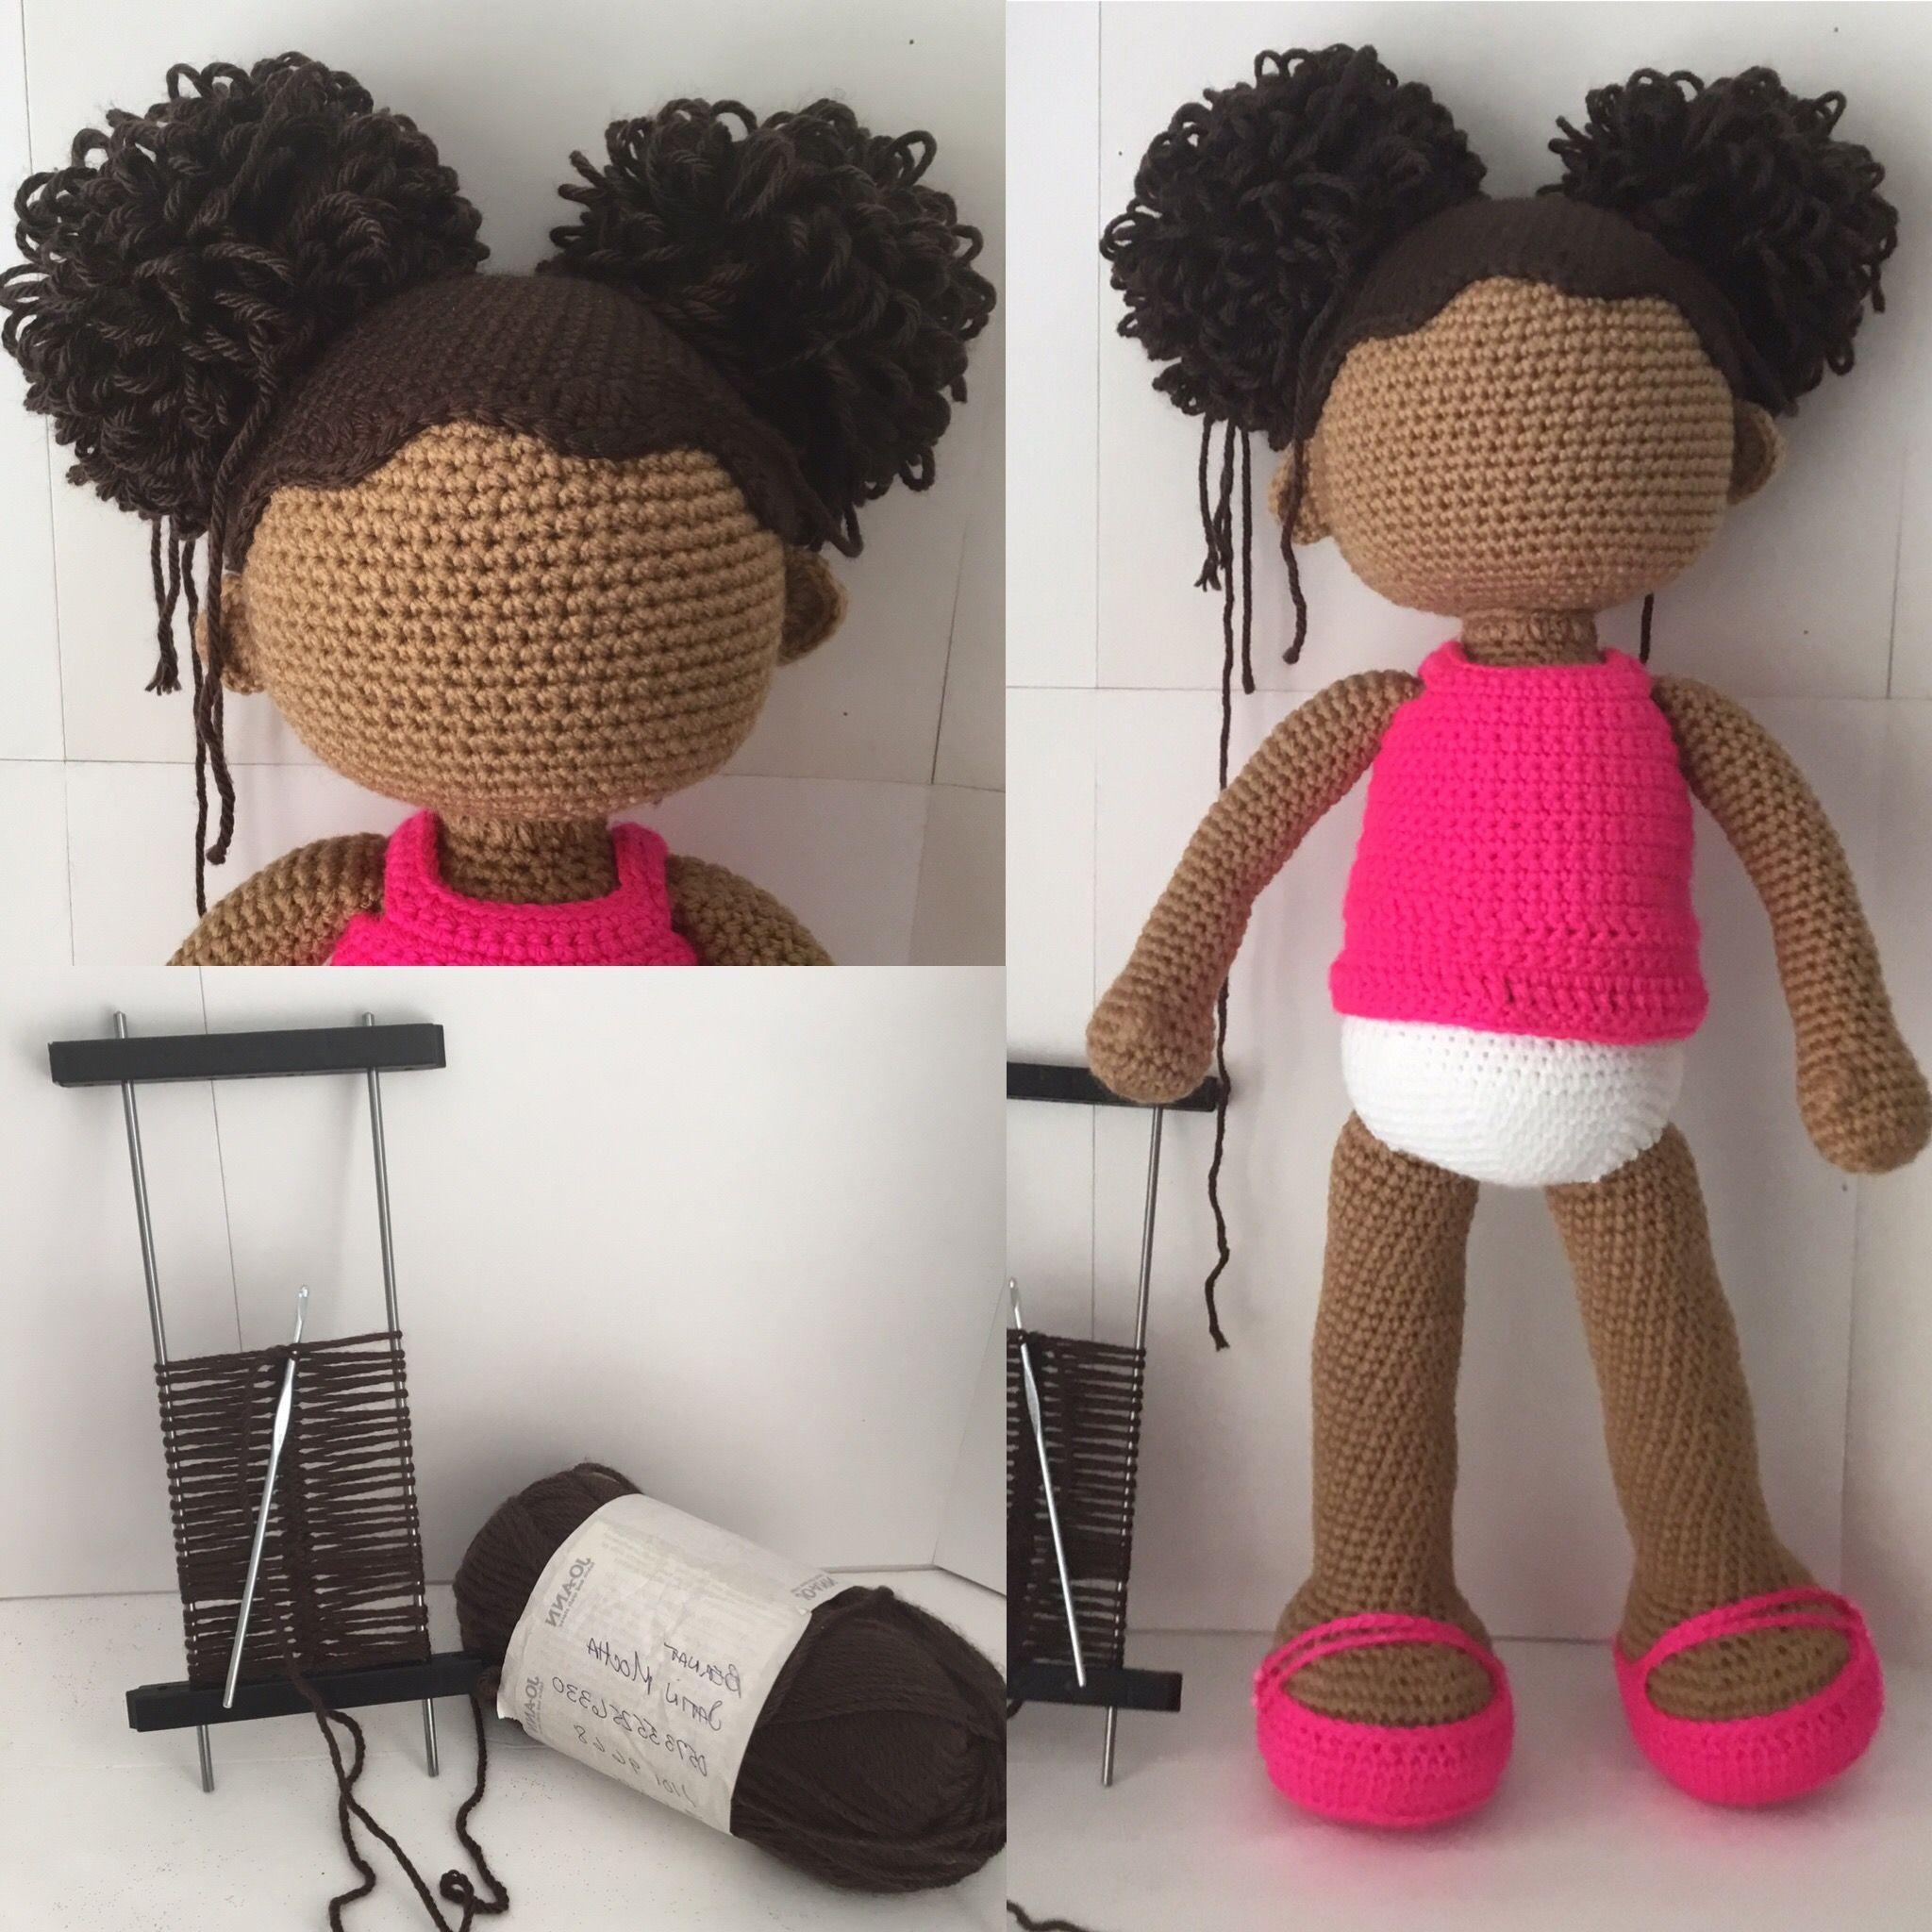 Crochet Doll Pattern, Crochet Dolls